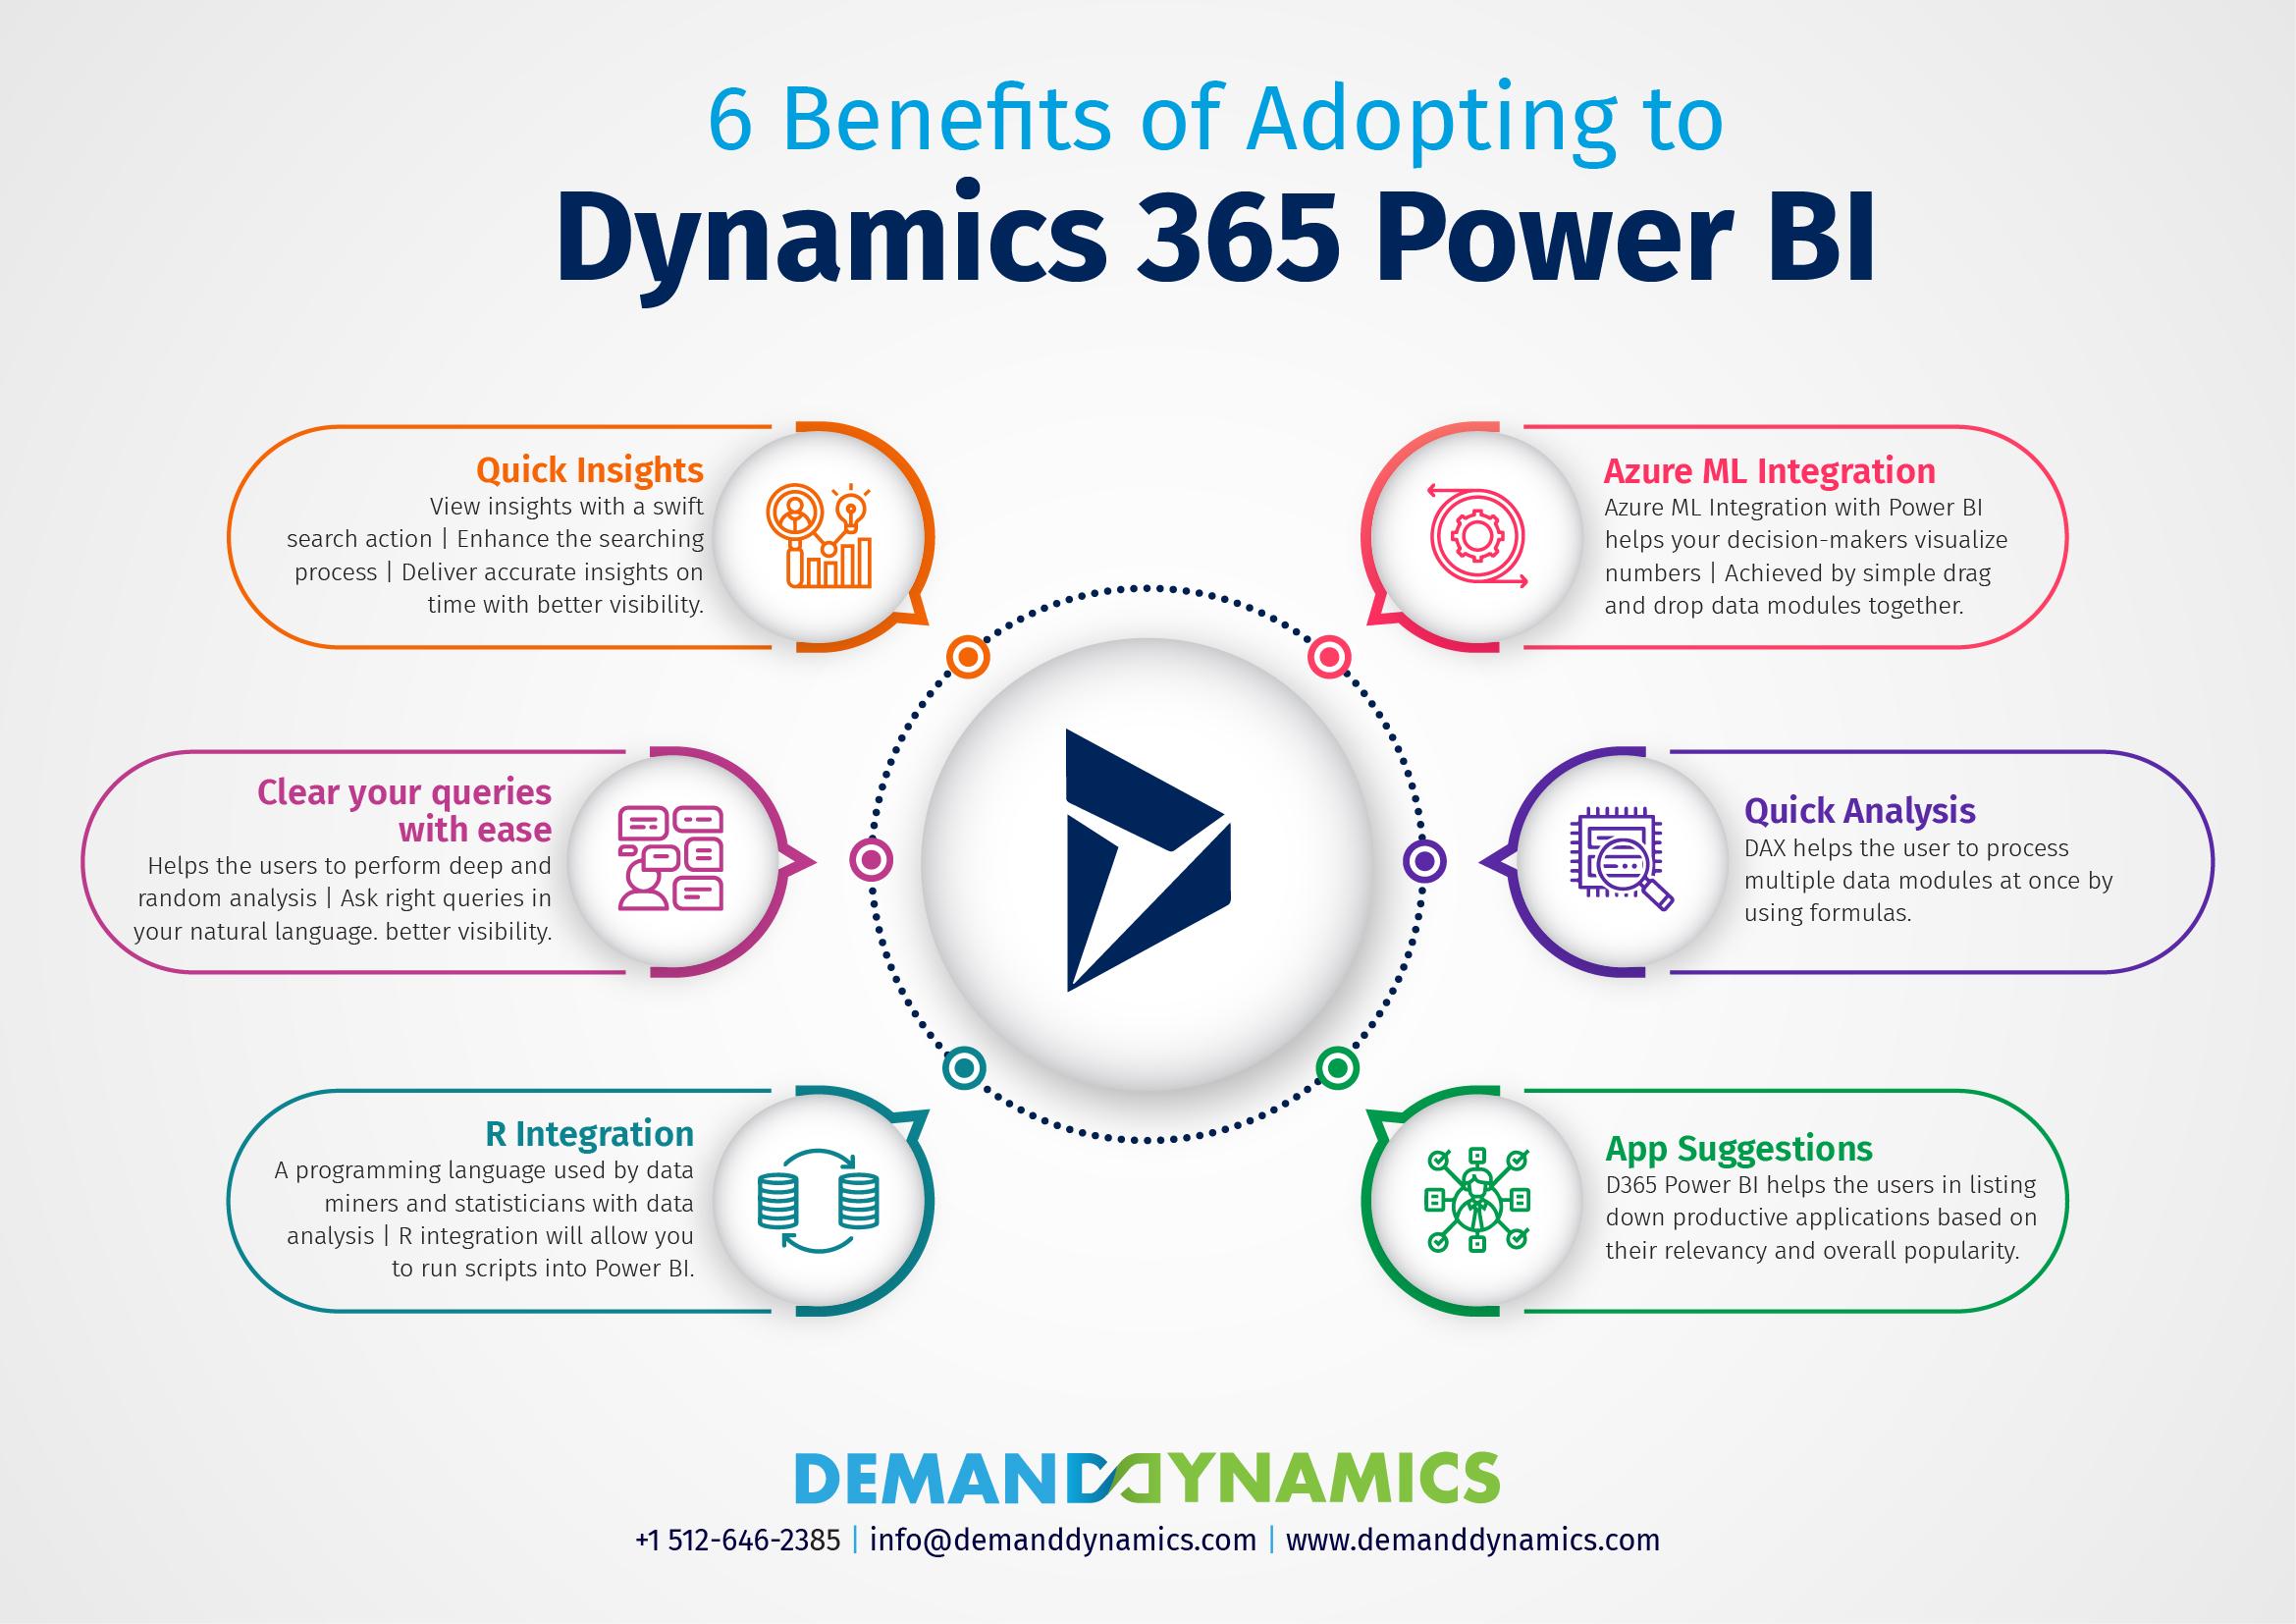 Dynamics 365 Power BI Benefits